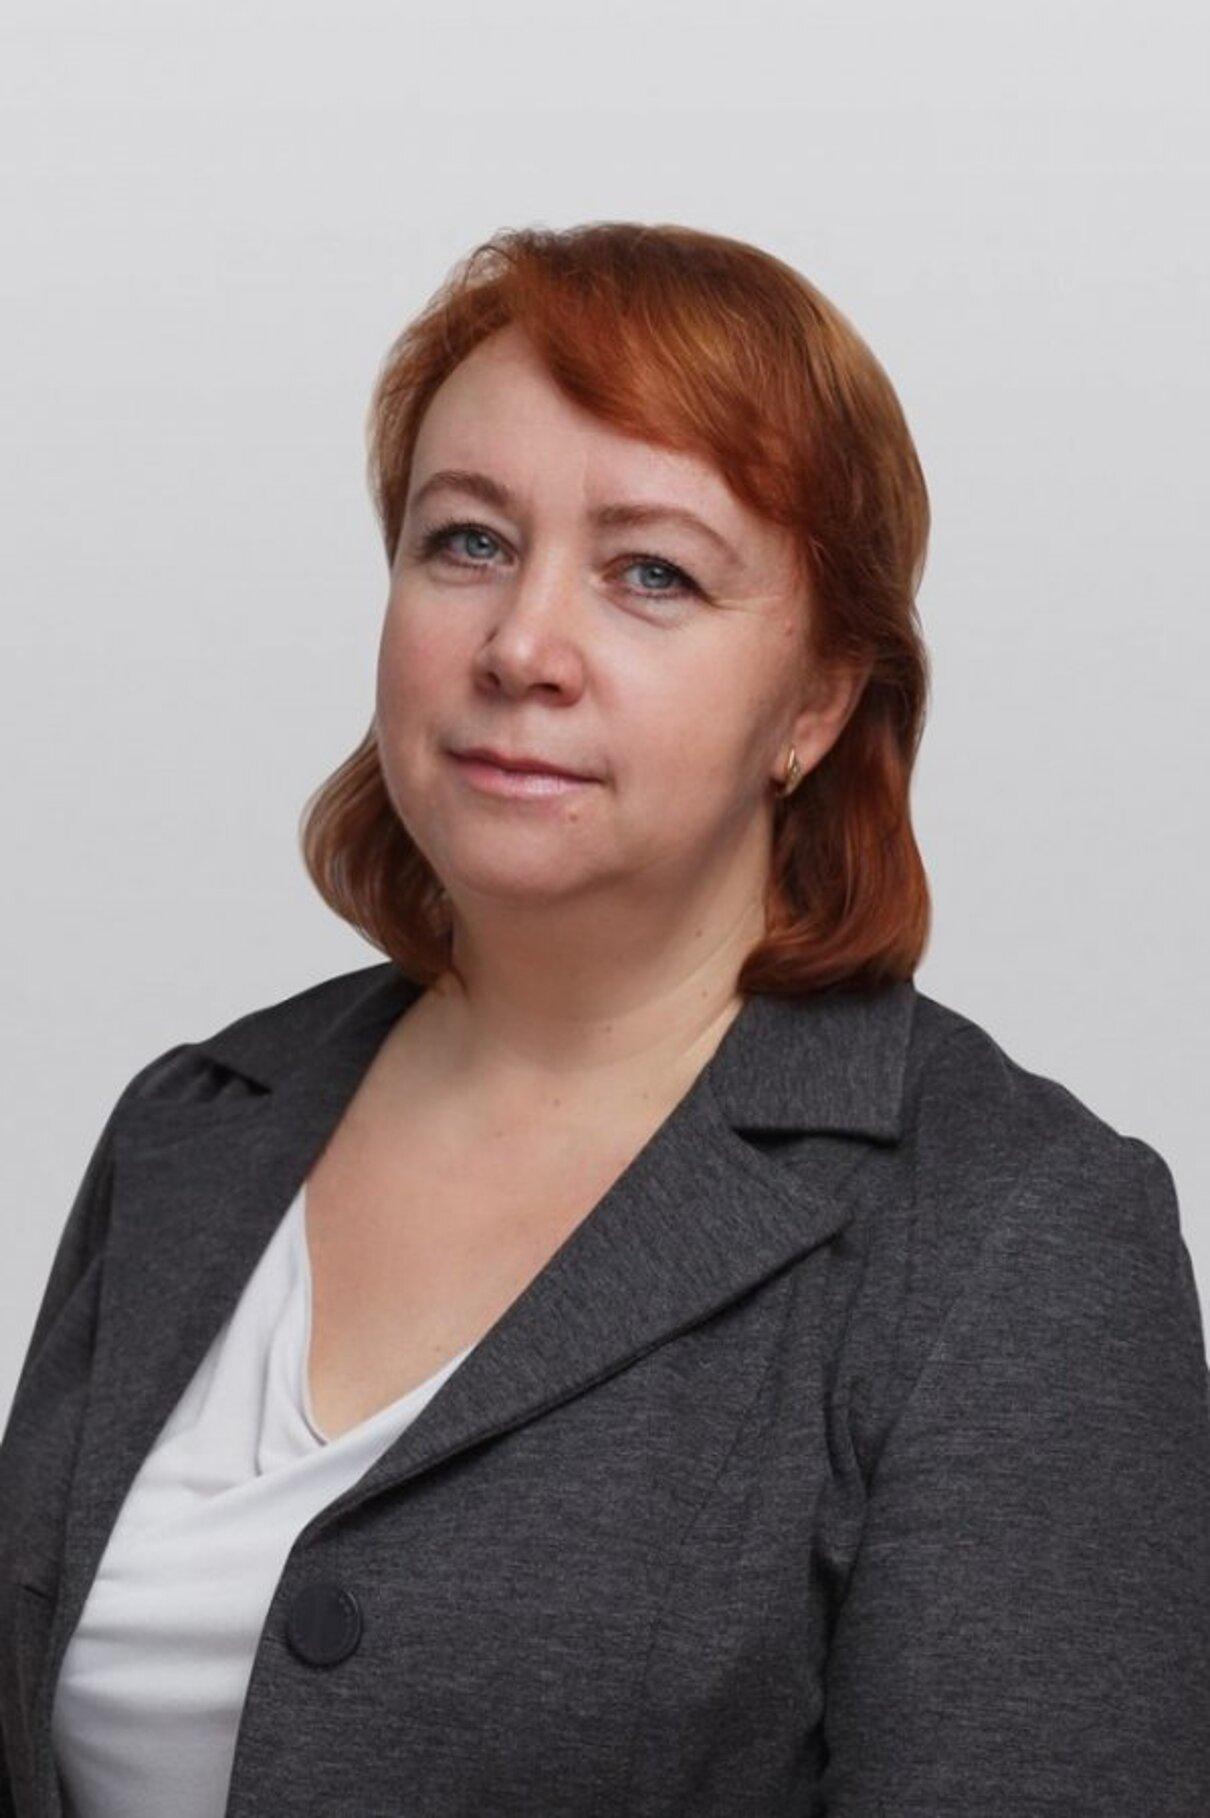 Жалоба-отзыв: Татьяна Анатольевна Милютина - Неадекватная управляющая